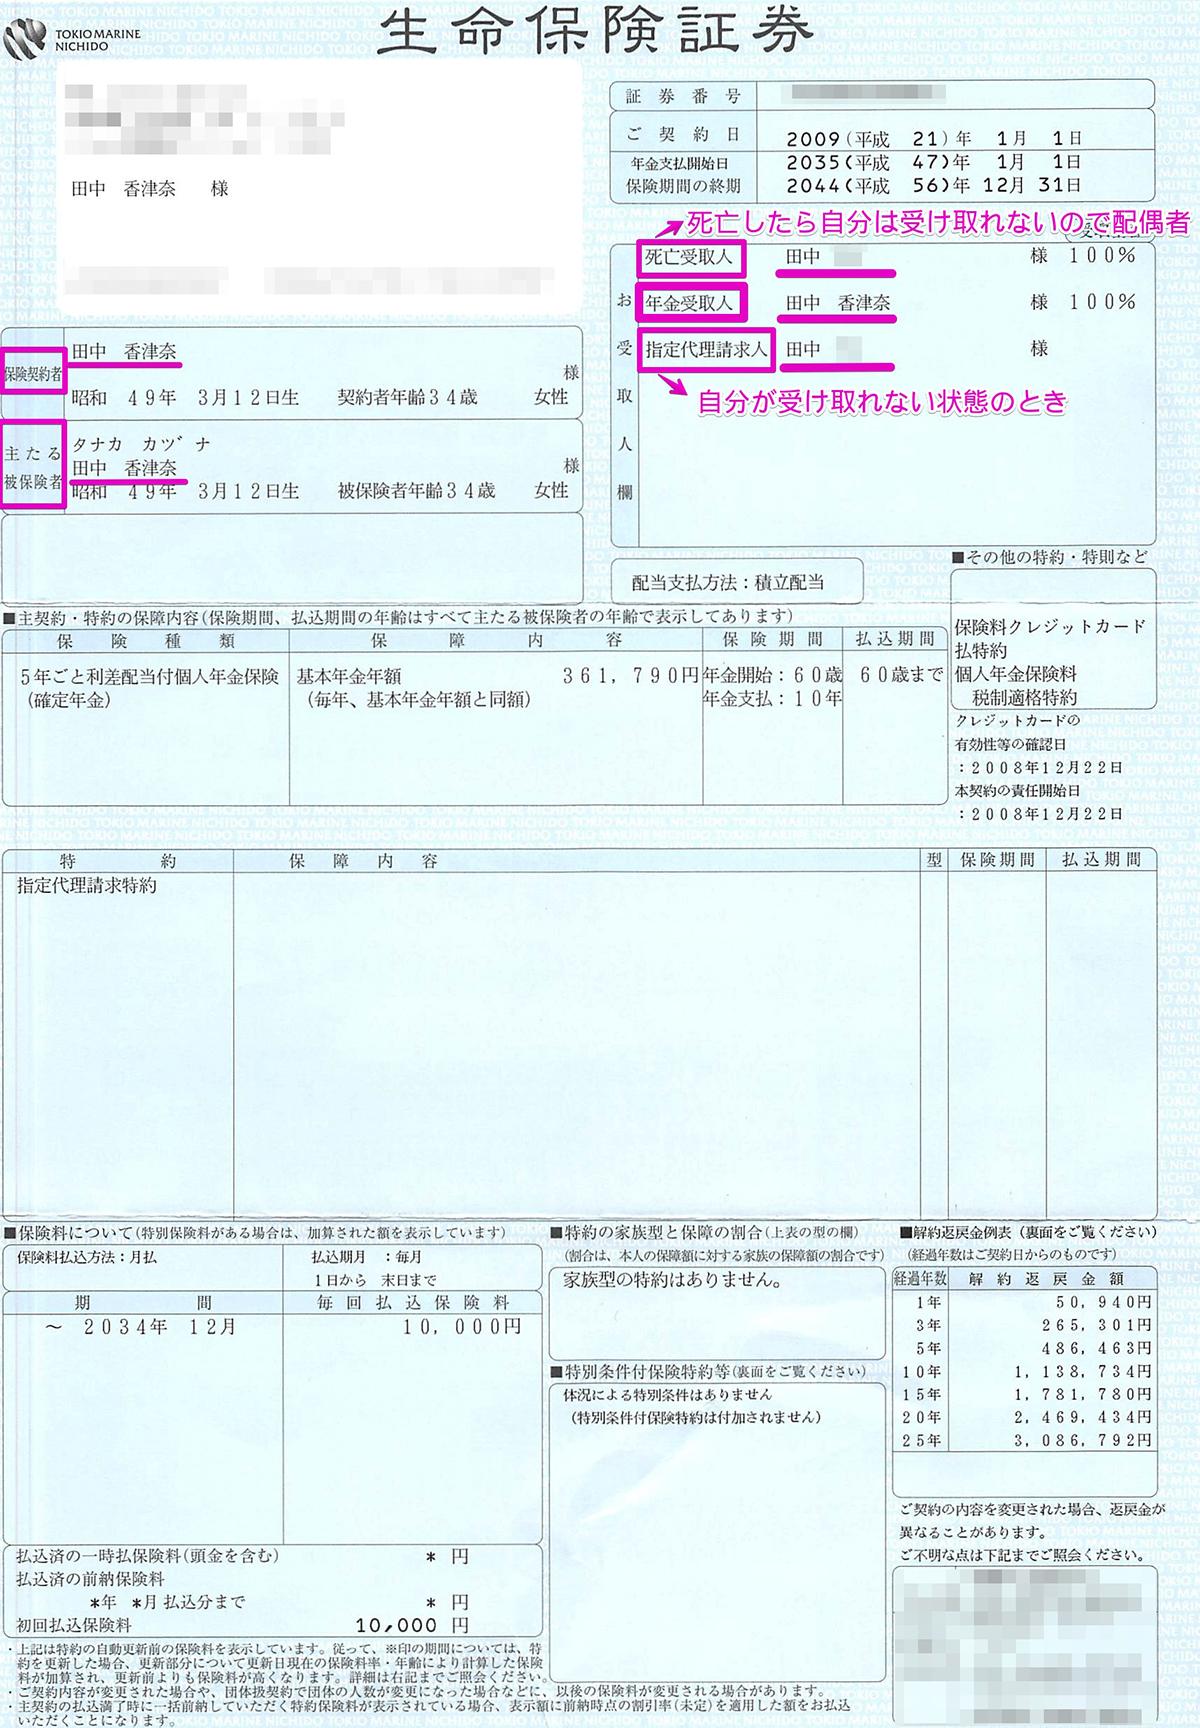 【年金保険】保険証券